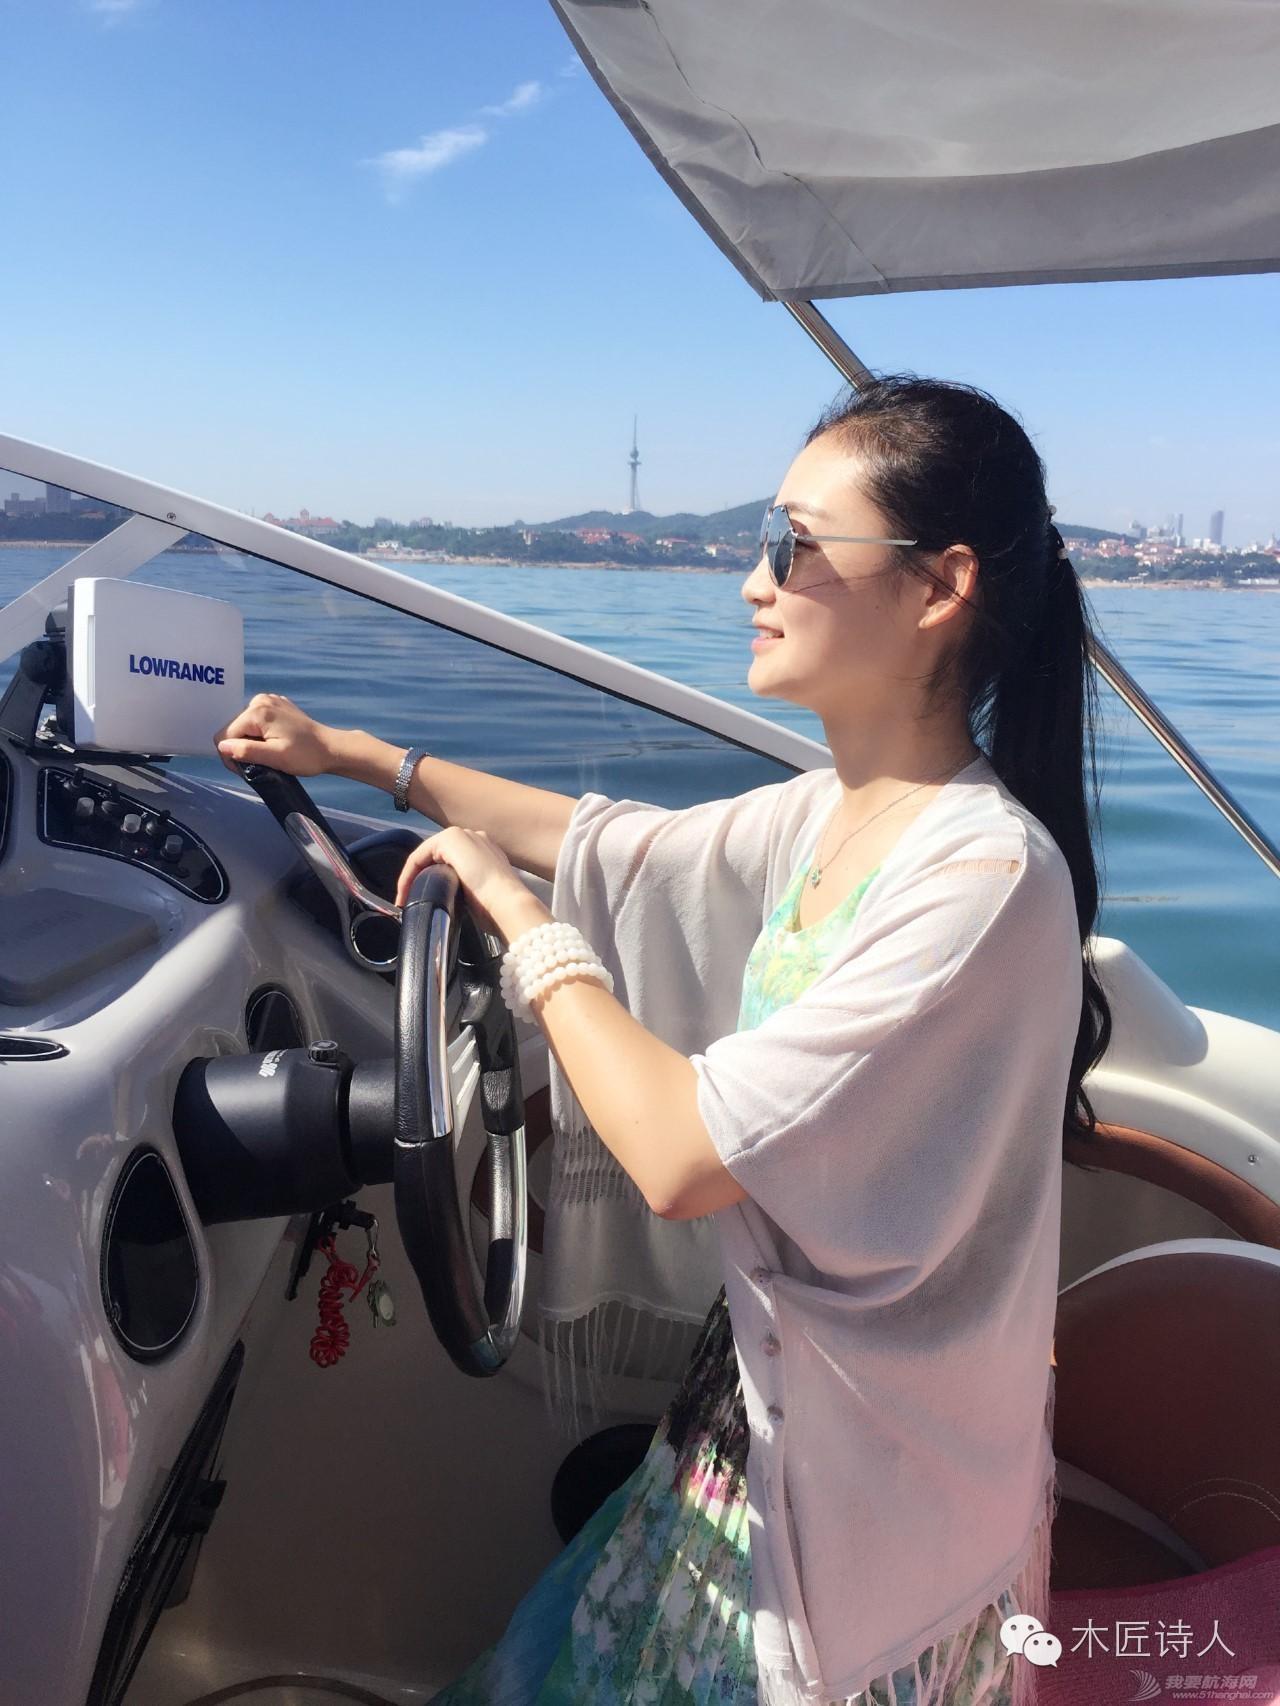 青岛游艇圈小女子 为何能引发土耳其政变 促改中东格局 d26b60836721dccd731cc992c63f71cc.jpg